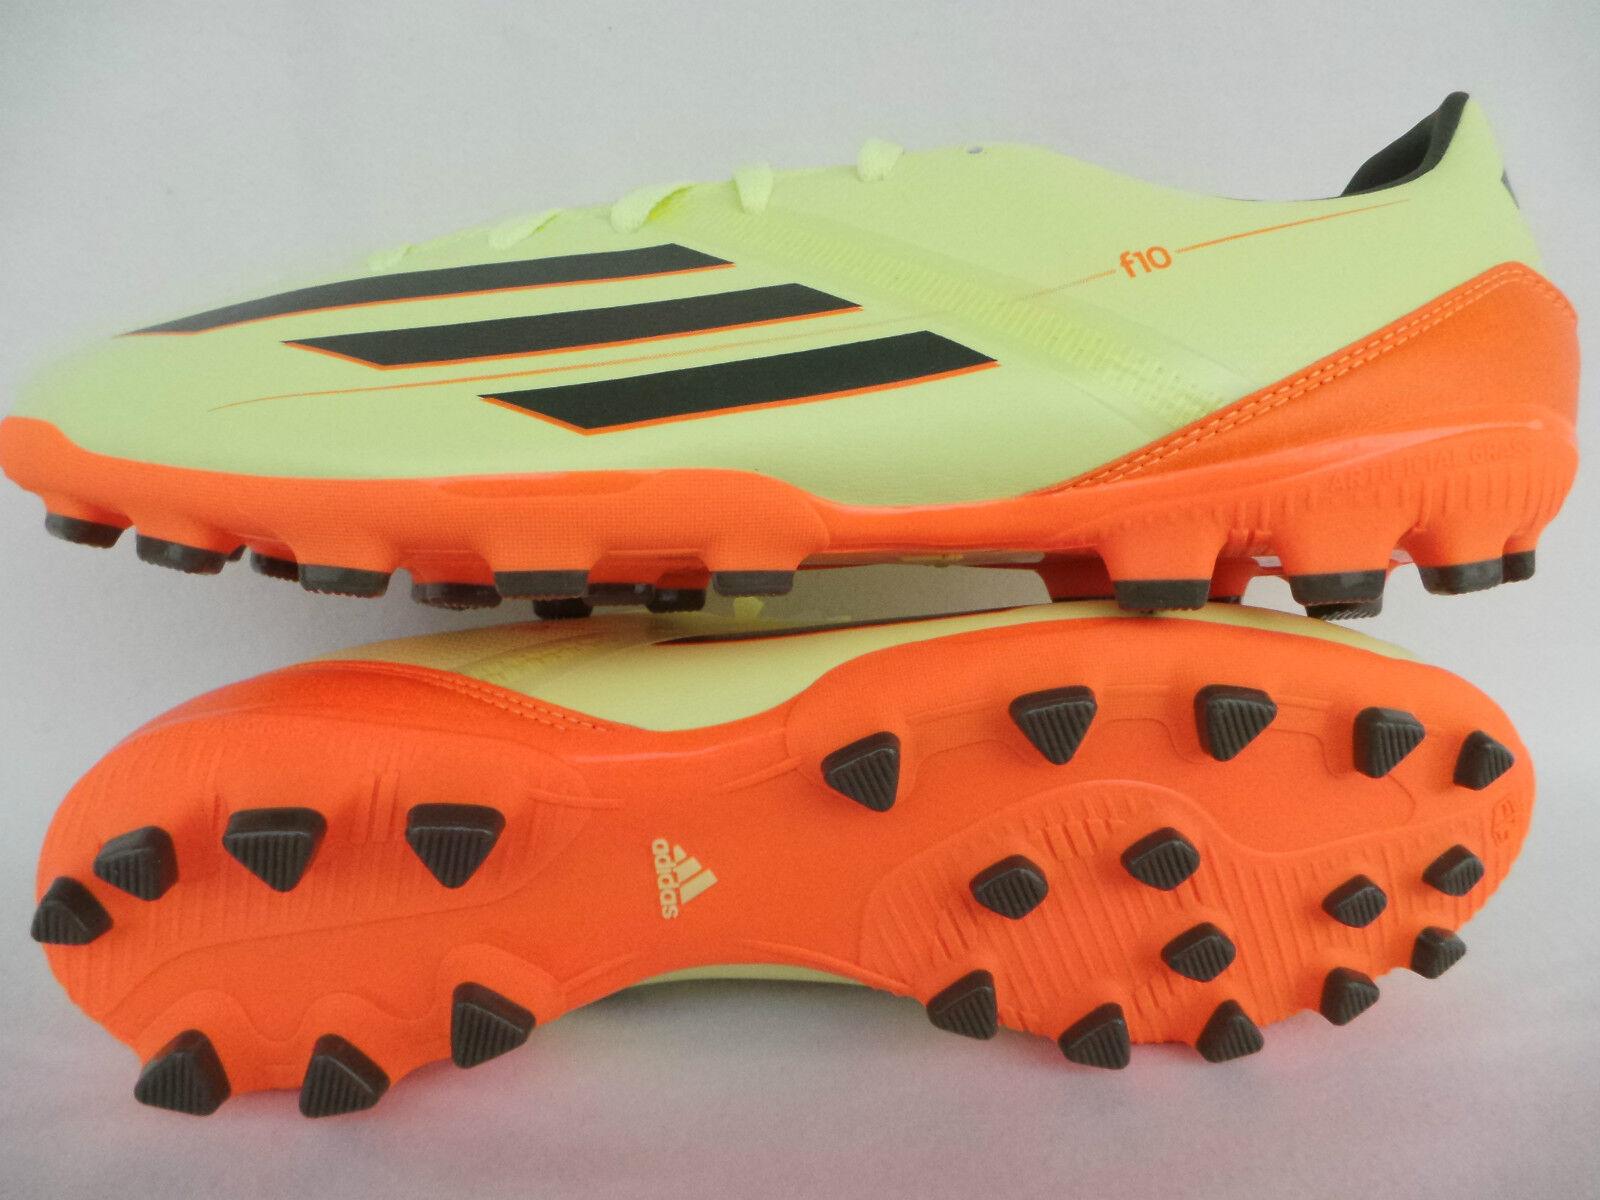 sale retailer f77e0 21277 ADIDAS REUSCH F10 F10 F10 TRX AG Calcio scarpe GIALLO NEON GR 39 40 41 42  43 44 45 46 34a8ba